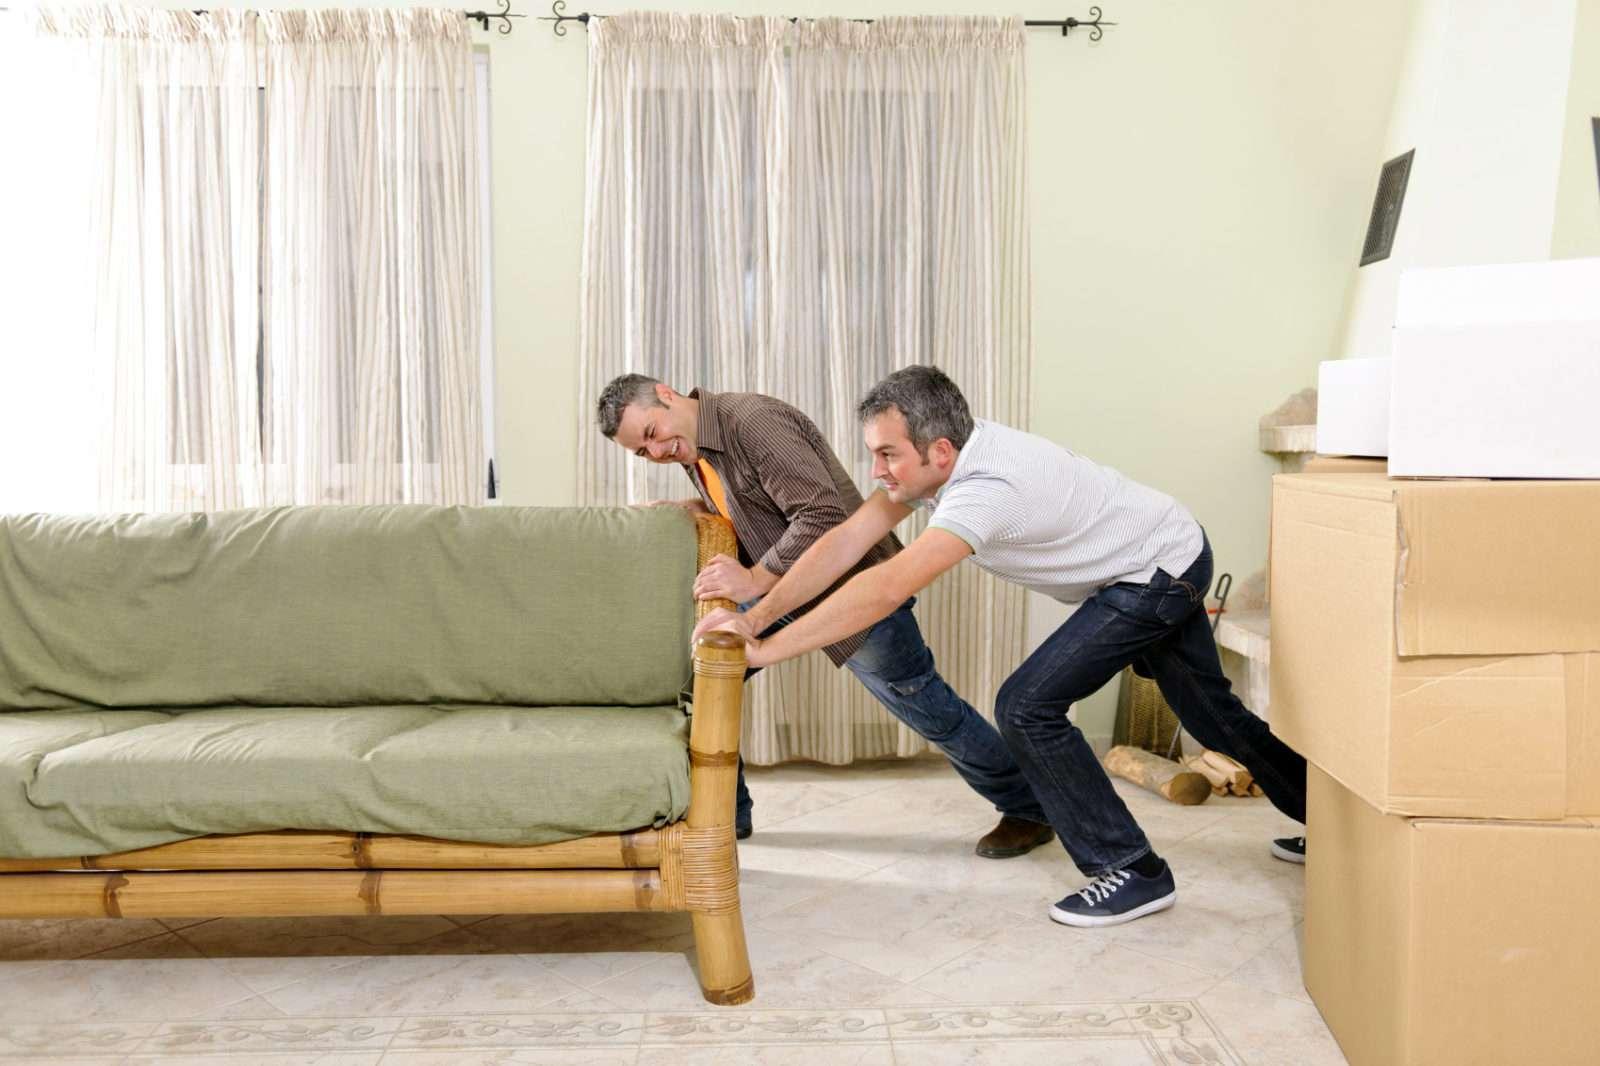 Pousser un meuble pendant un déménagement